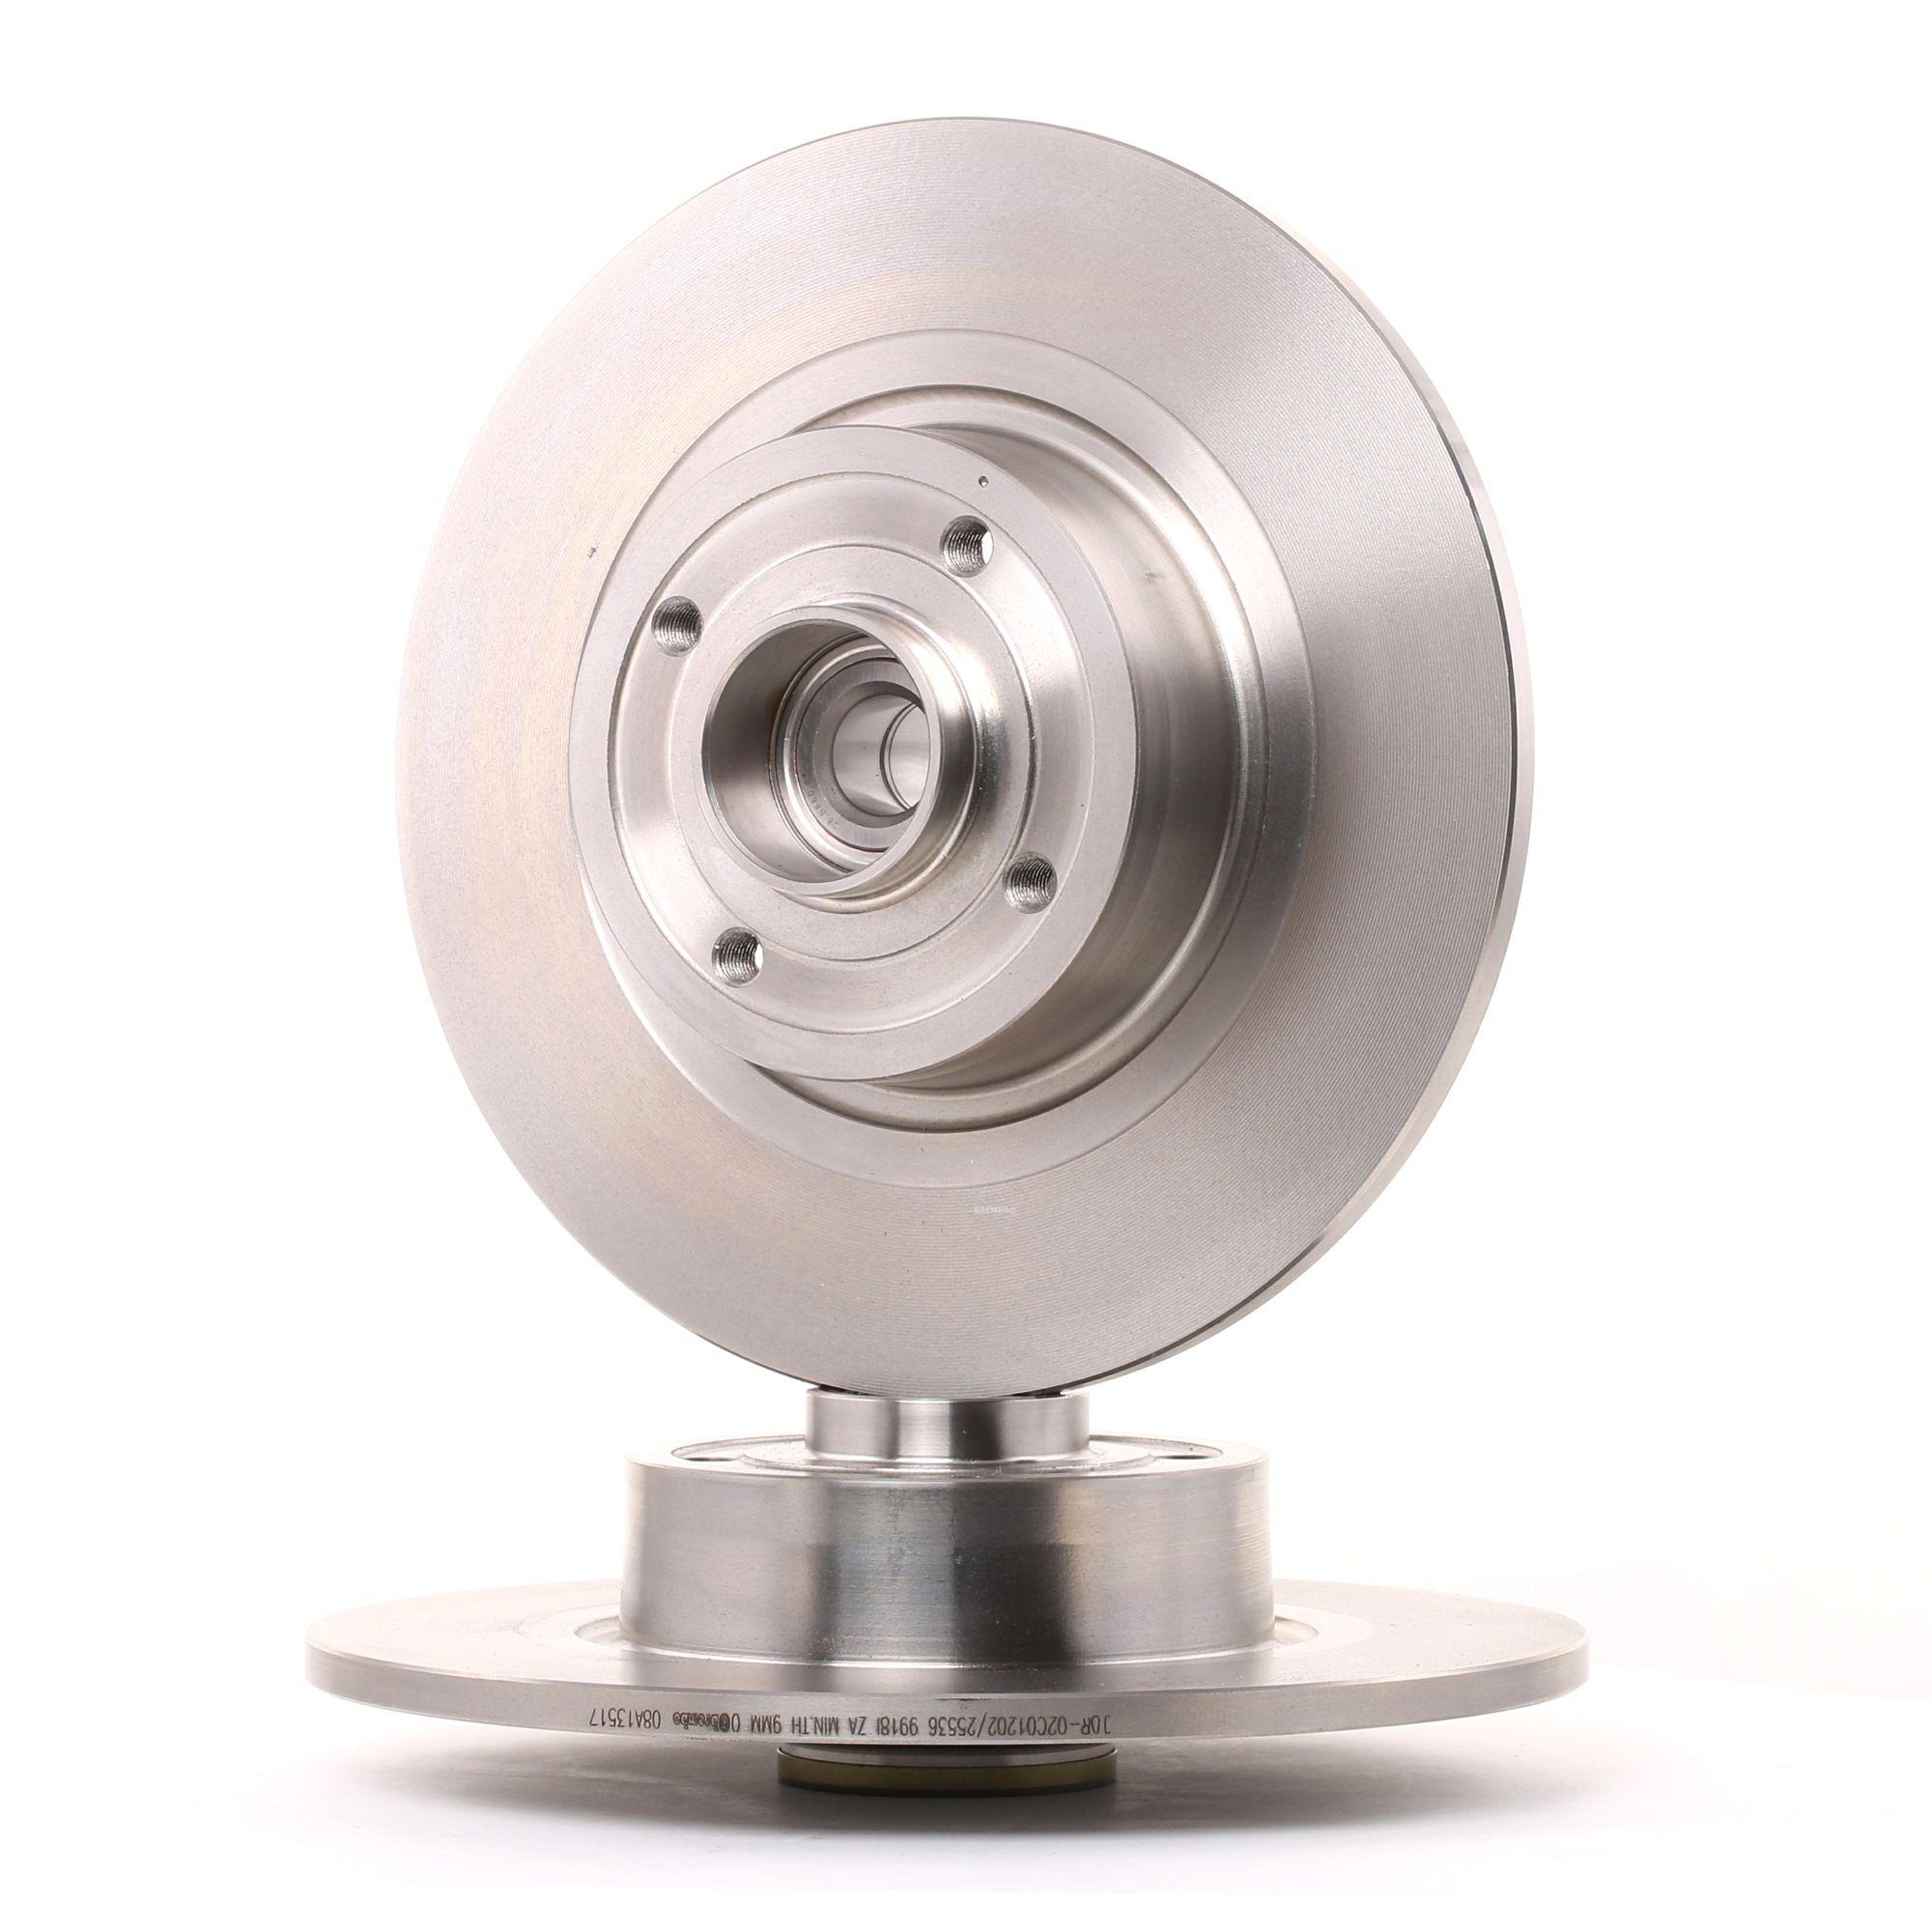 Achetez Disque de frein BREMBO 08.A135.17 (Ø: 270mm, Nbre de trous: 4, Épaisseur du disque de frein: 10mm) à un rapport qualité-prix exceptionnel